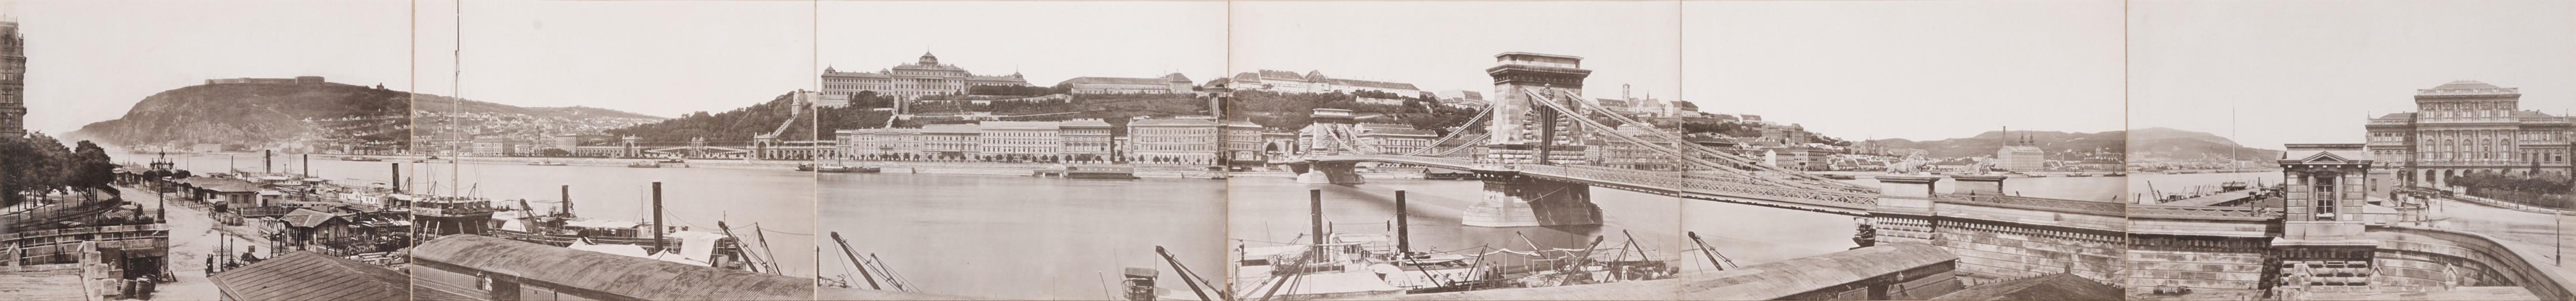 hungary_kozmata_ferencz_panorama_of_budapest_c_1880s.jpg